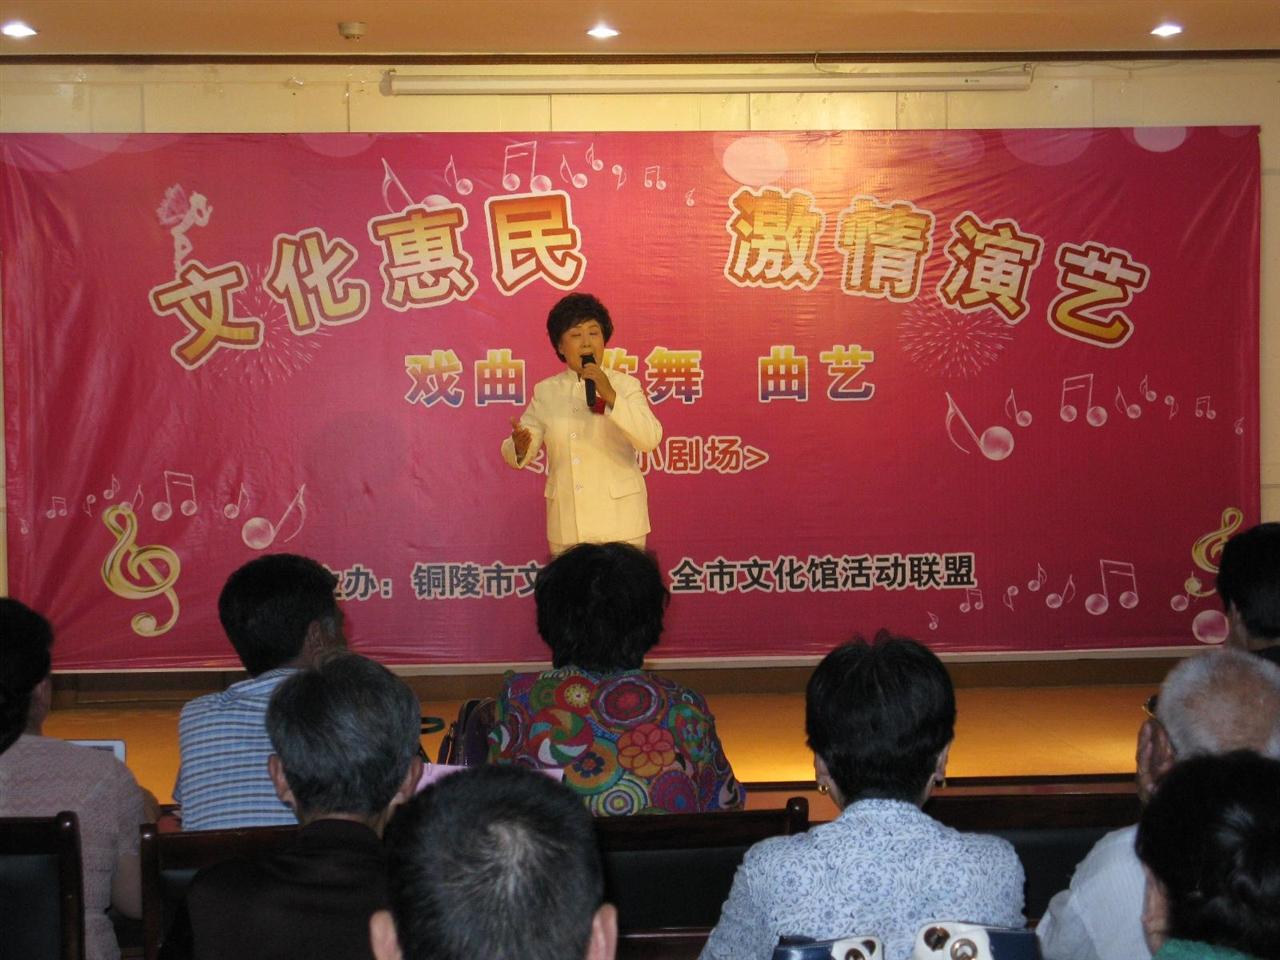 2015年7月5日铜陵市文化馆在文化馆三楼综合演艺厅主办了第五场周末小剧场(京剧协会)